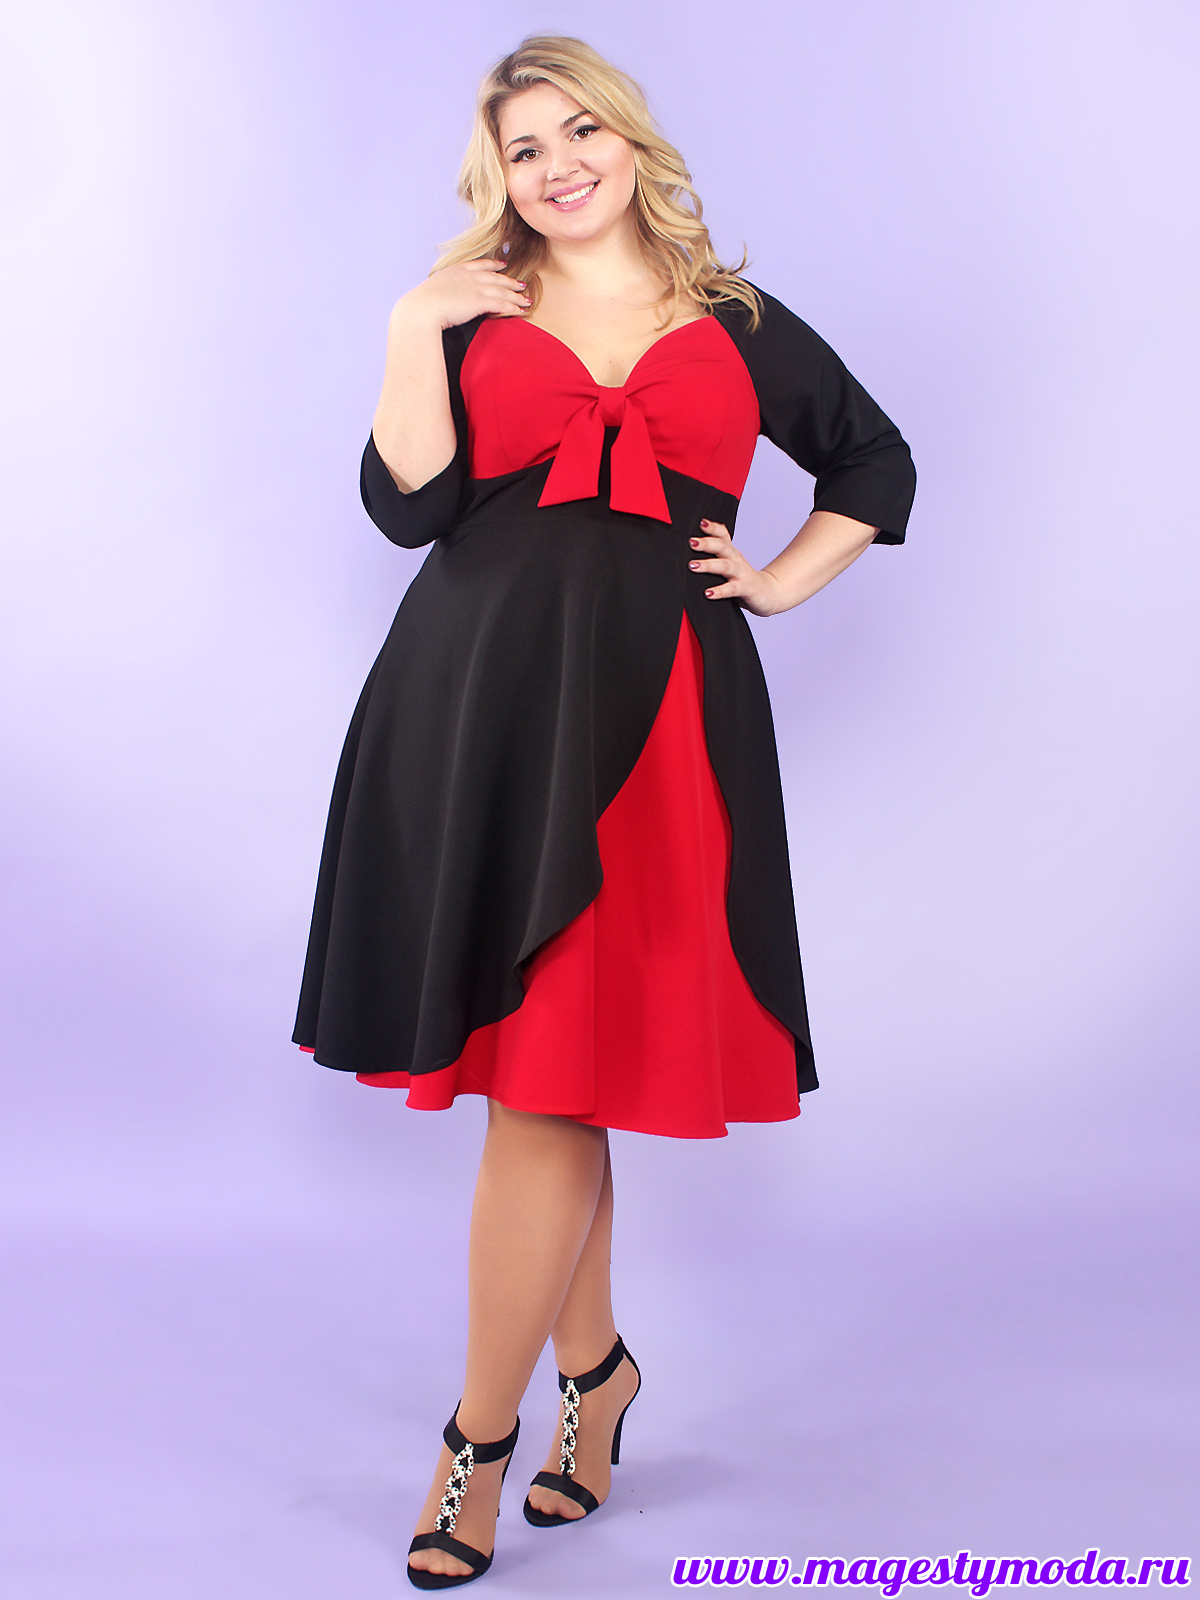 13361ca6348 Топ платья облегающий с фигурным вырезом горловины. Юбка-солнце двухслойная  длиною ниже колена. В этом платье Вы будете выглядеть ярко и эффектном на  любом ...